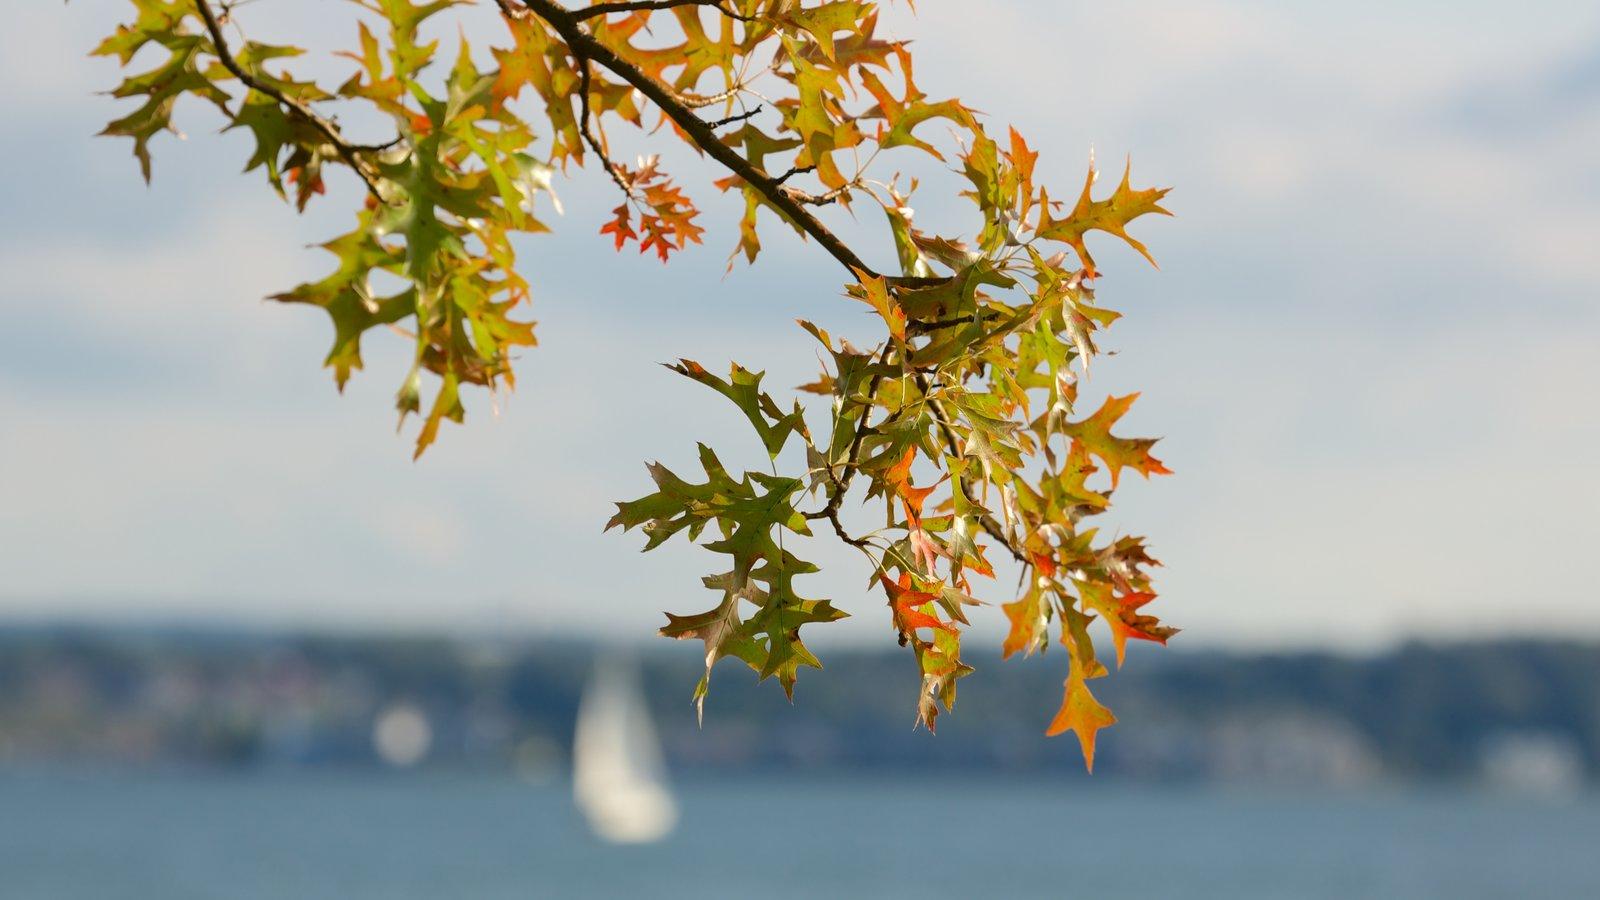 Erie mostrando folhas de outono